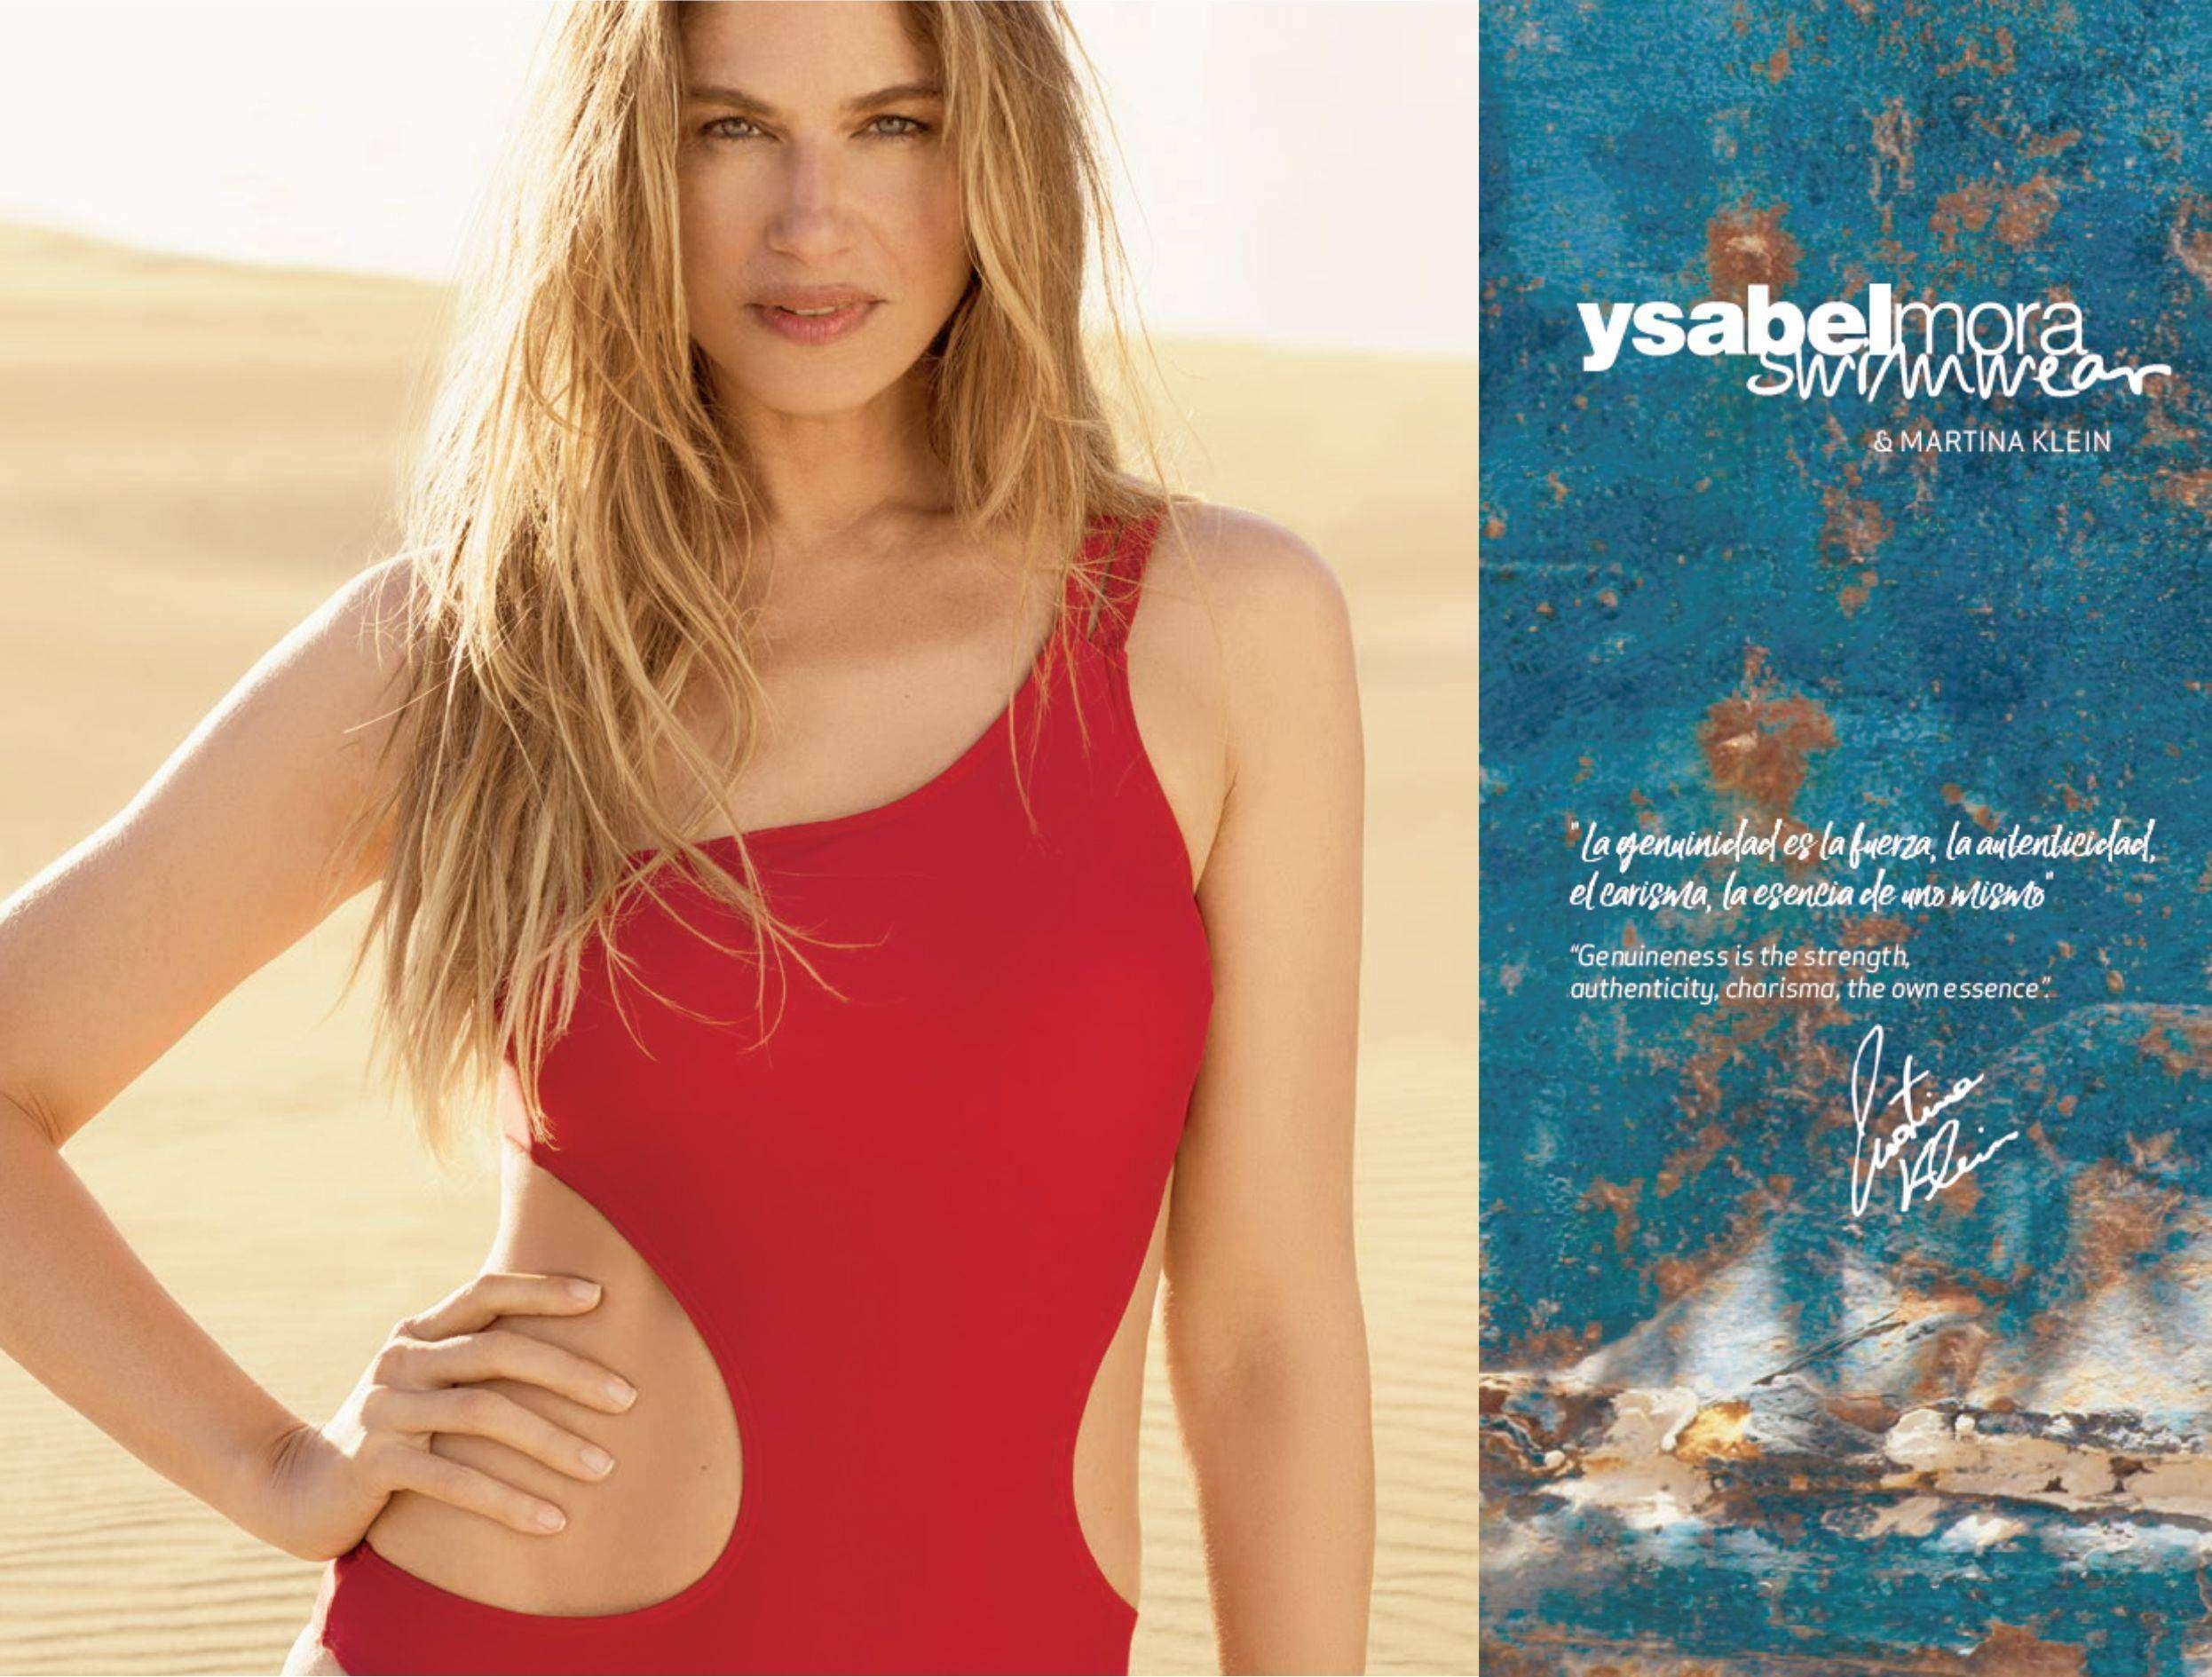 Campaña de Baño Ysabel Mora 2019